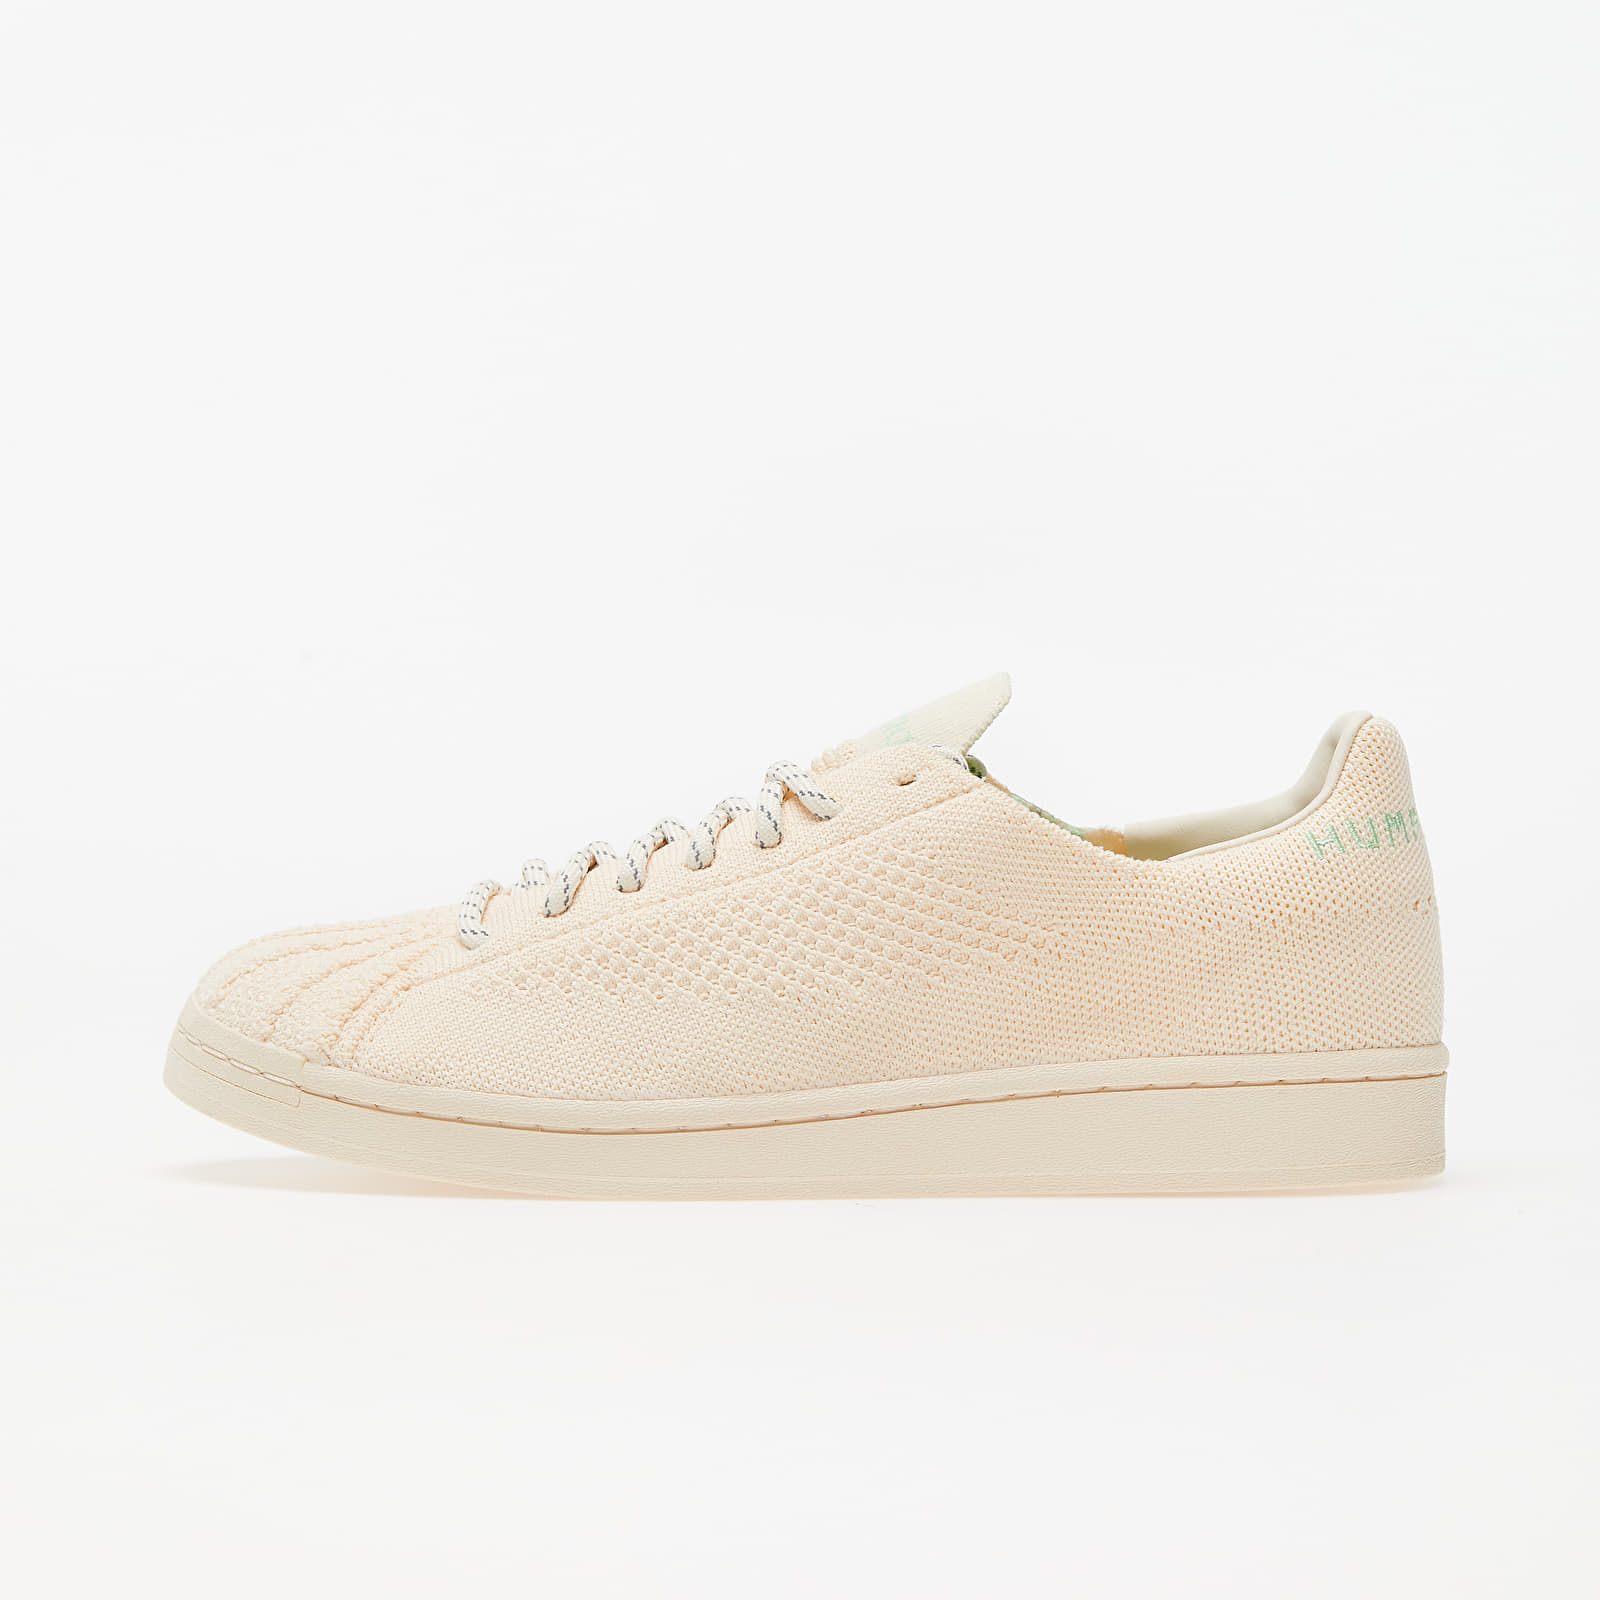 Încălțăminte și sneakerși pentru bărbați adidas x Pharrell Williams Superstar Pk Ecru Tint/ Core White/ Glow Mint